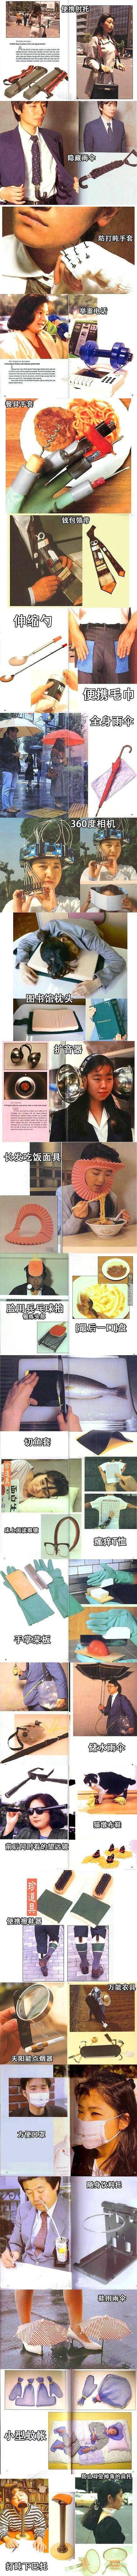 完全無用、完全惡搞的日本珍道具1